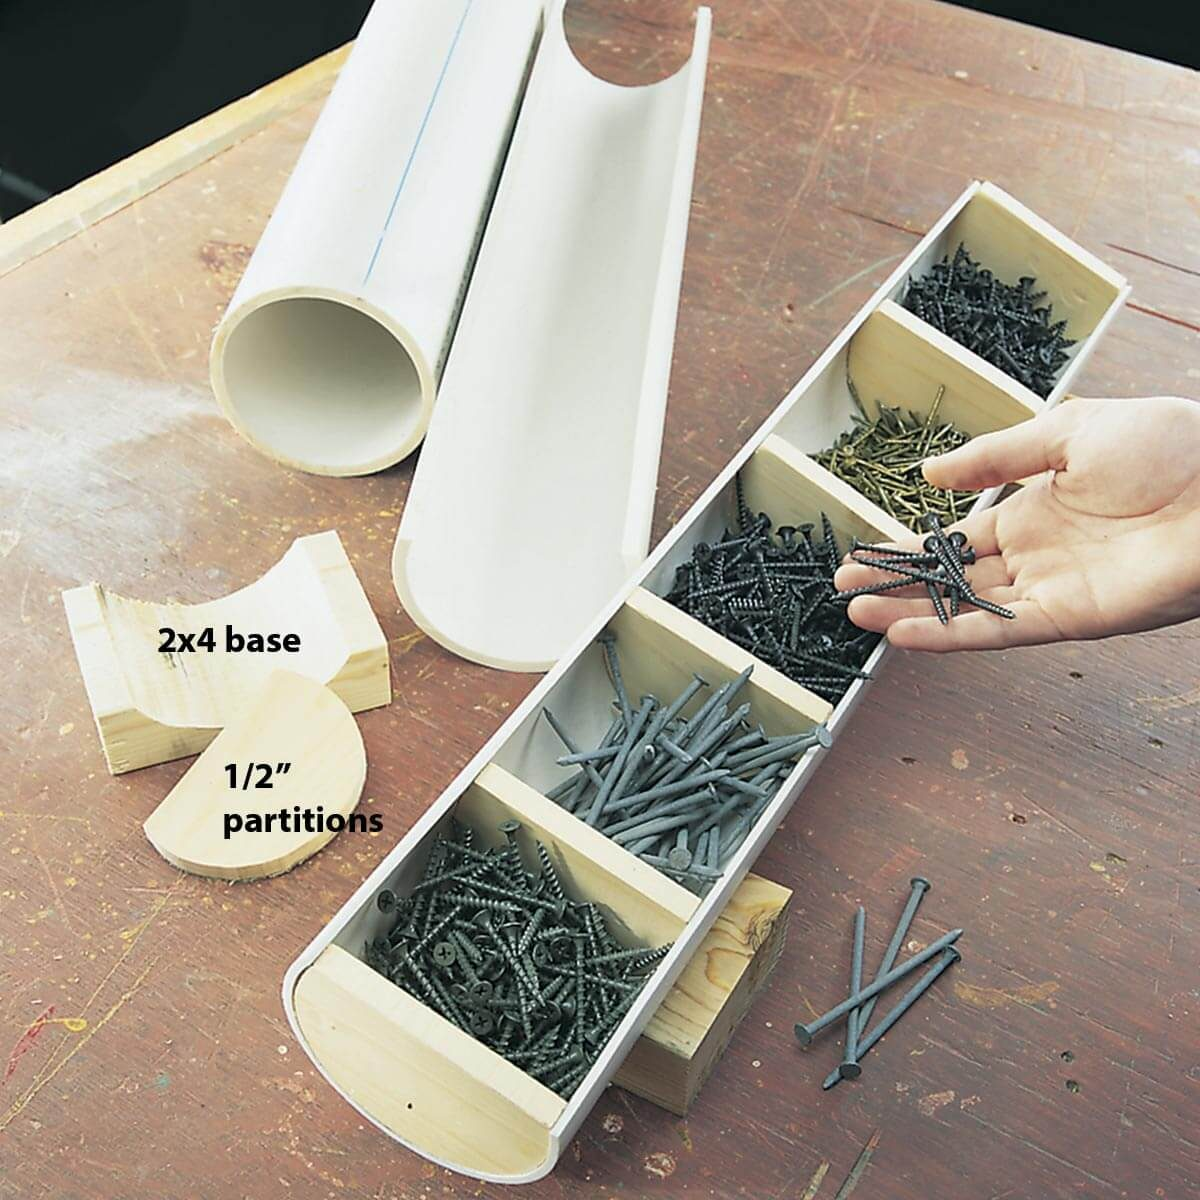 fastener storage with PVC